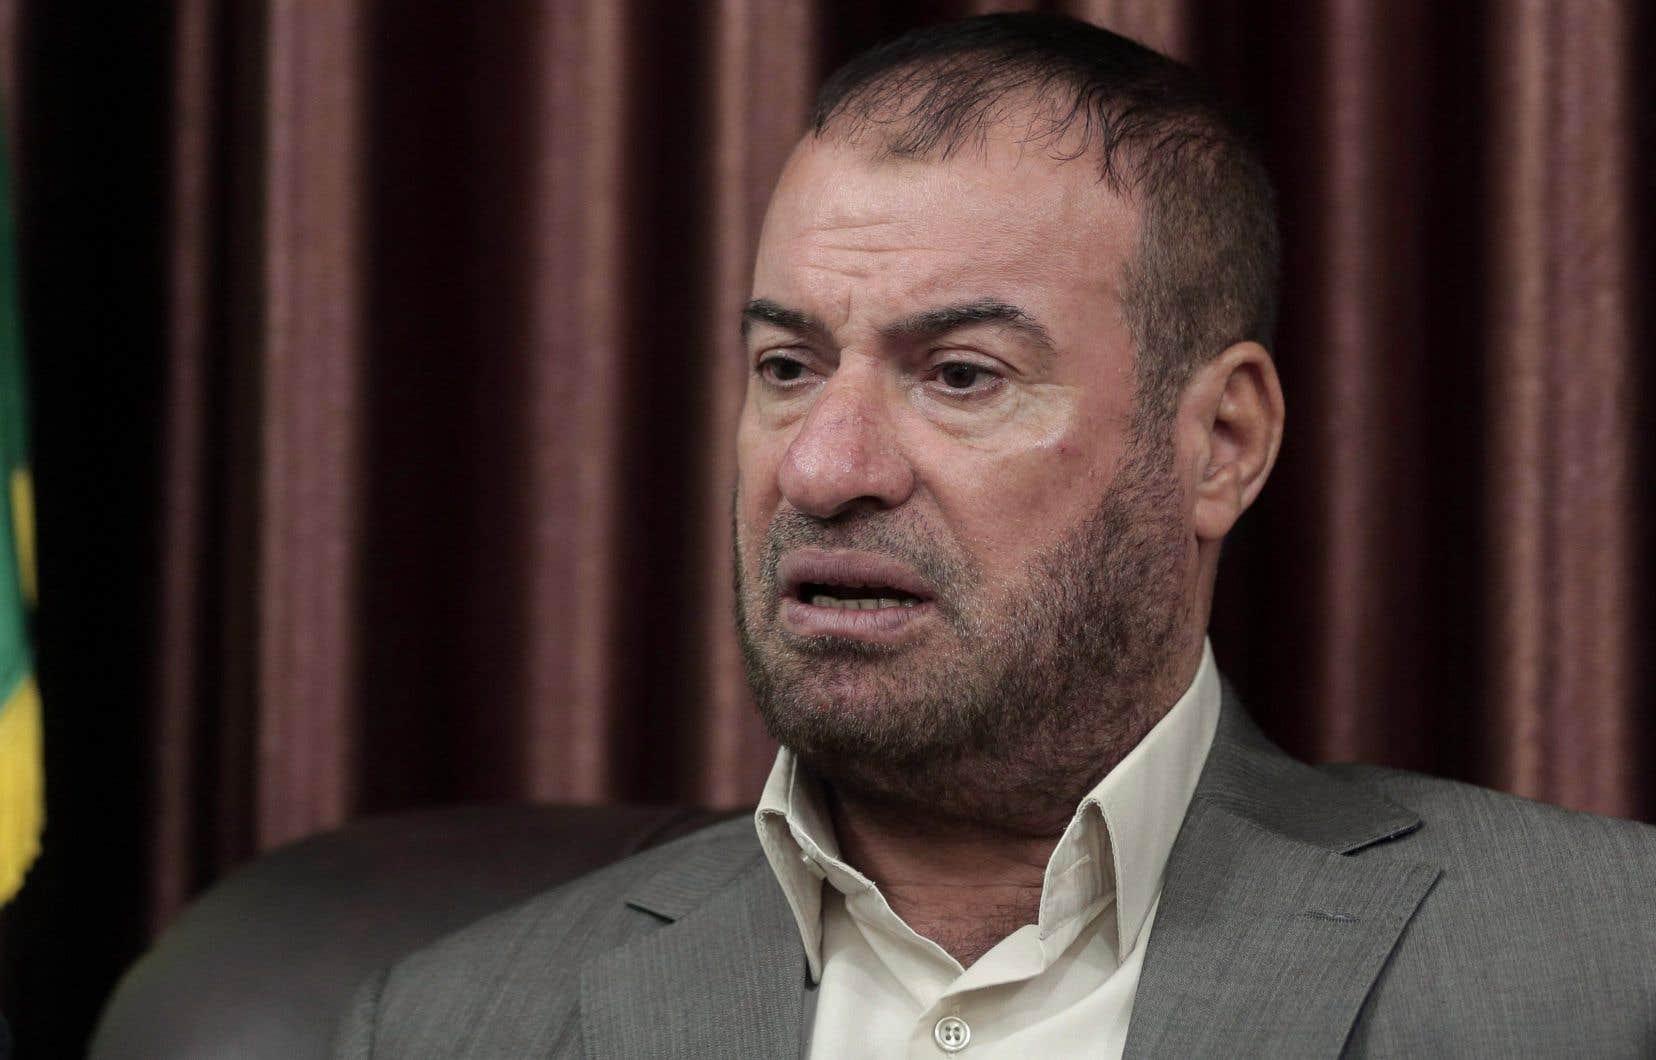 Fathi Hamad a soulevé l'indignation en appelant les Palestiniens à attaquer des juifs, partout dans le monde.